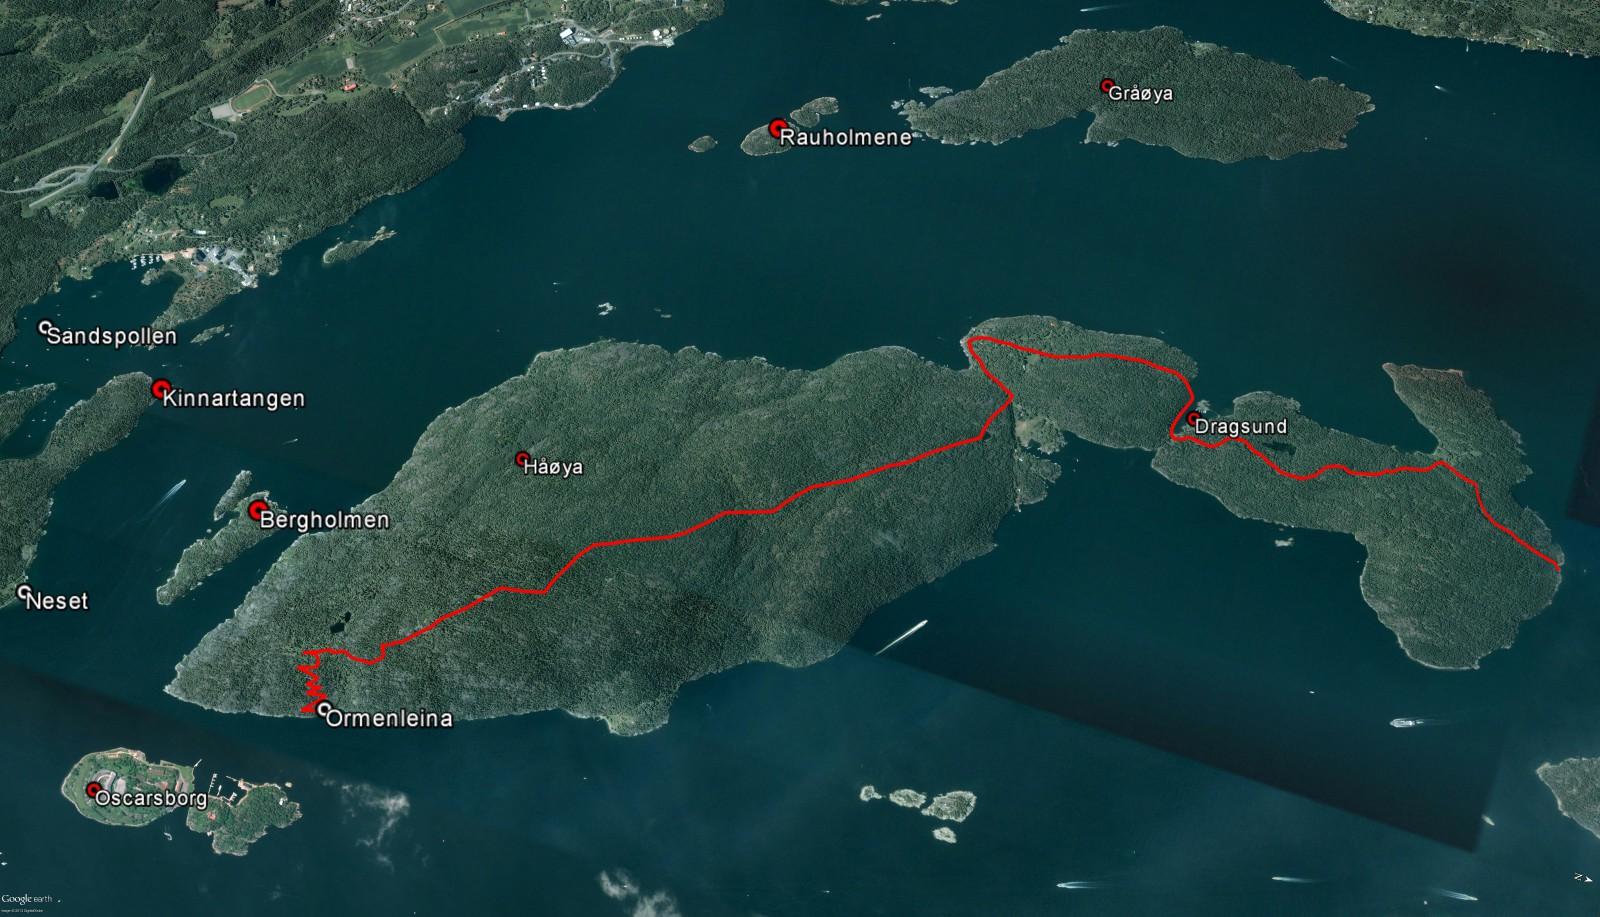 kart over håøya Vandring i Hurum. Trykk for større kart! | @heidenstrom kart over håøya